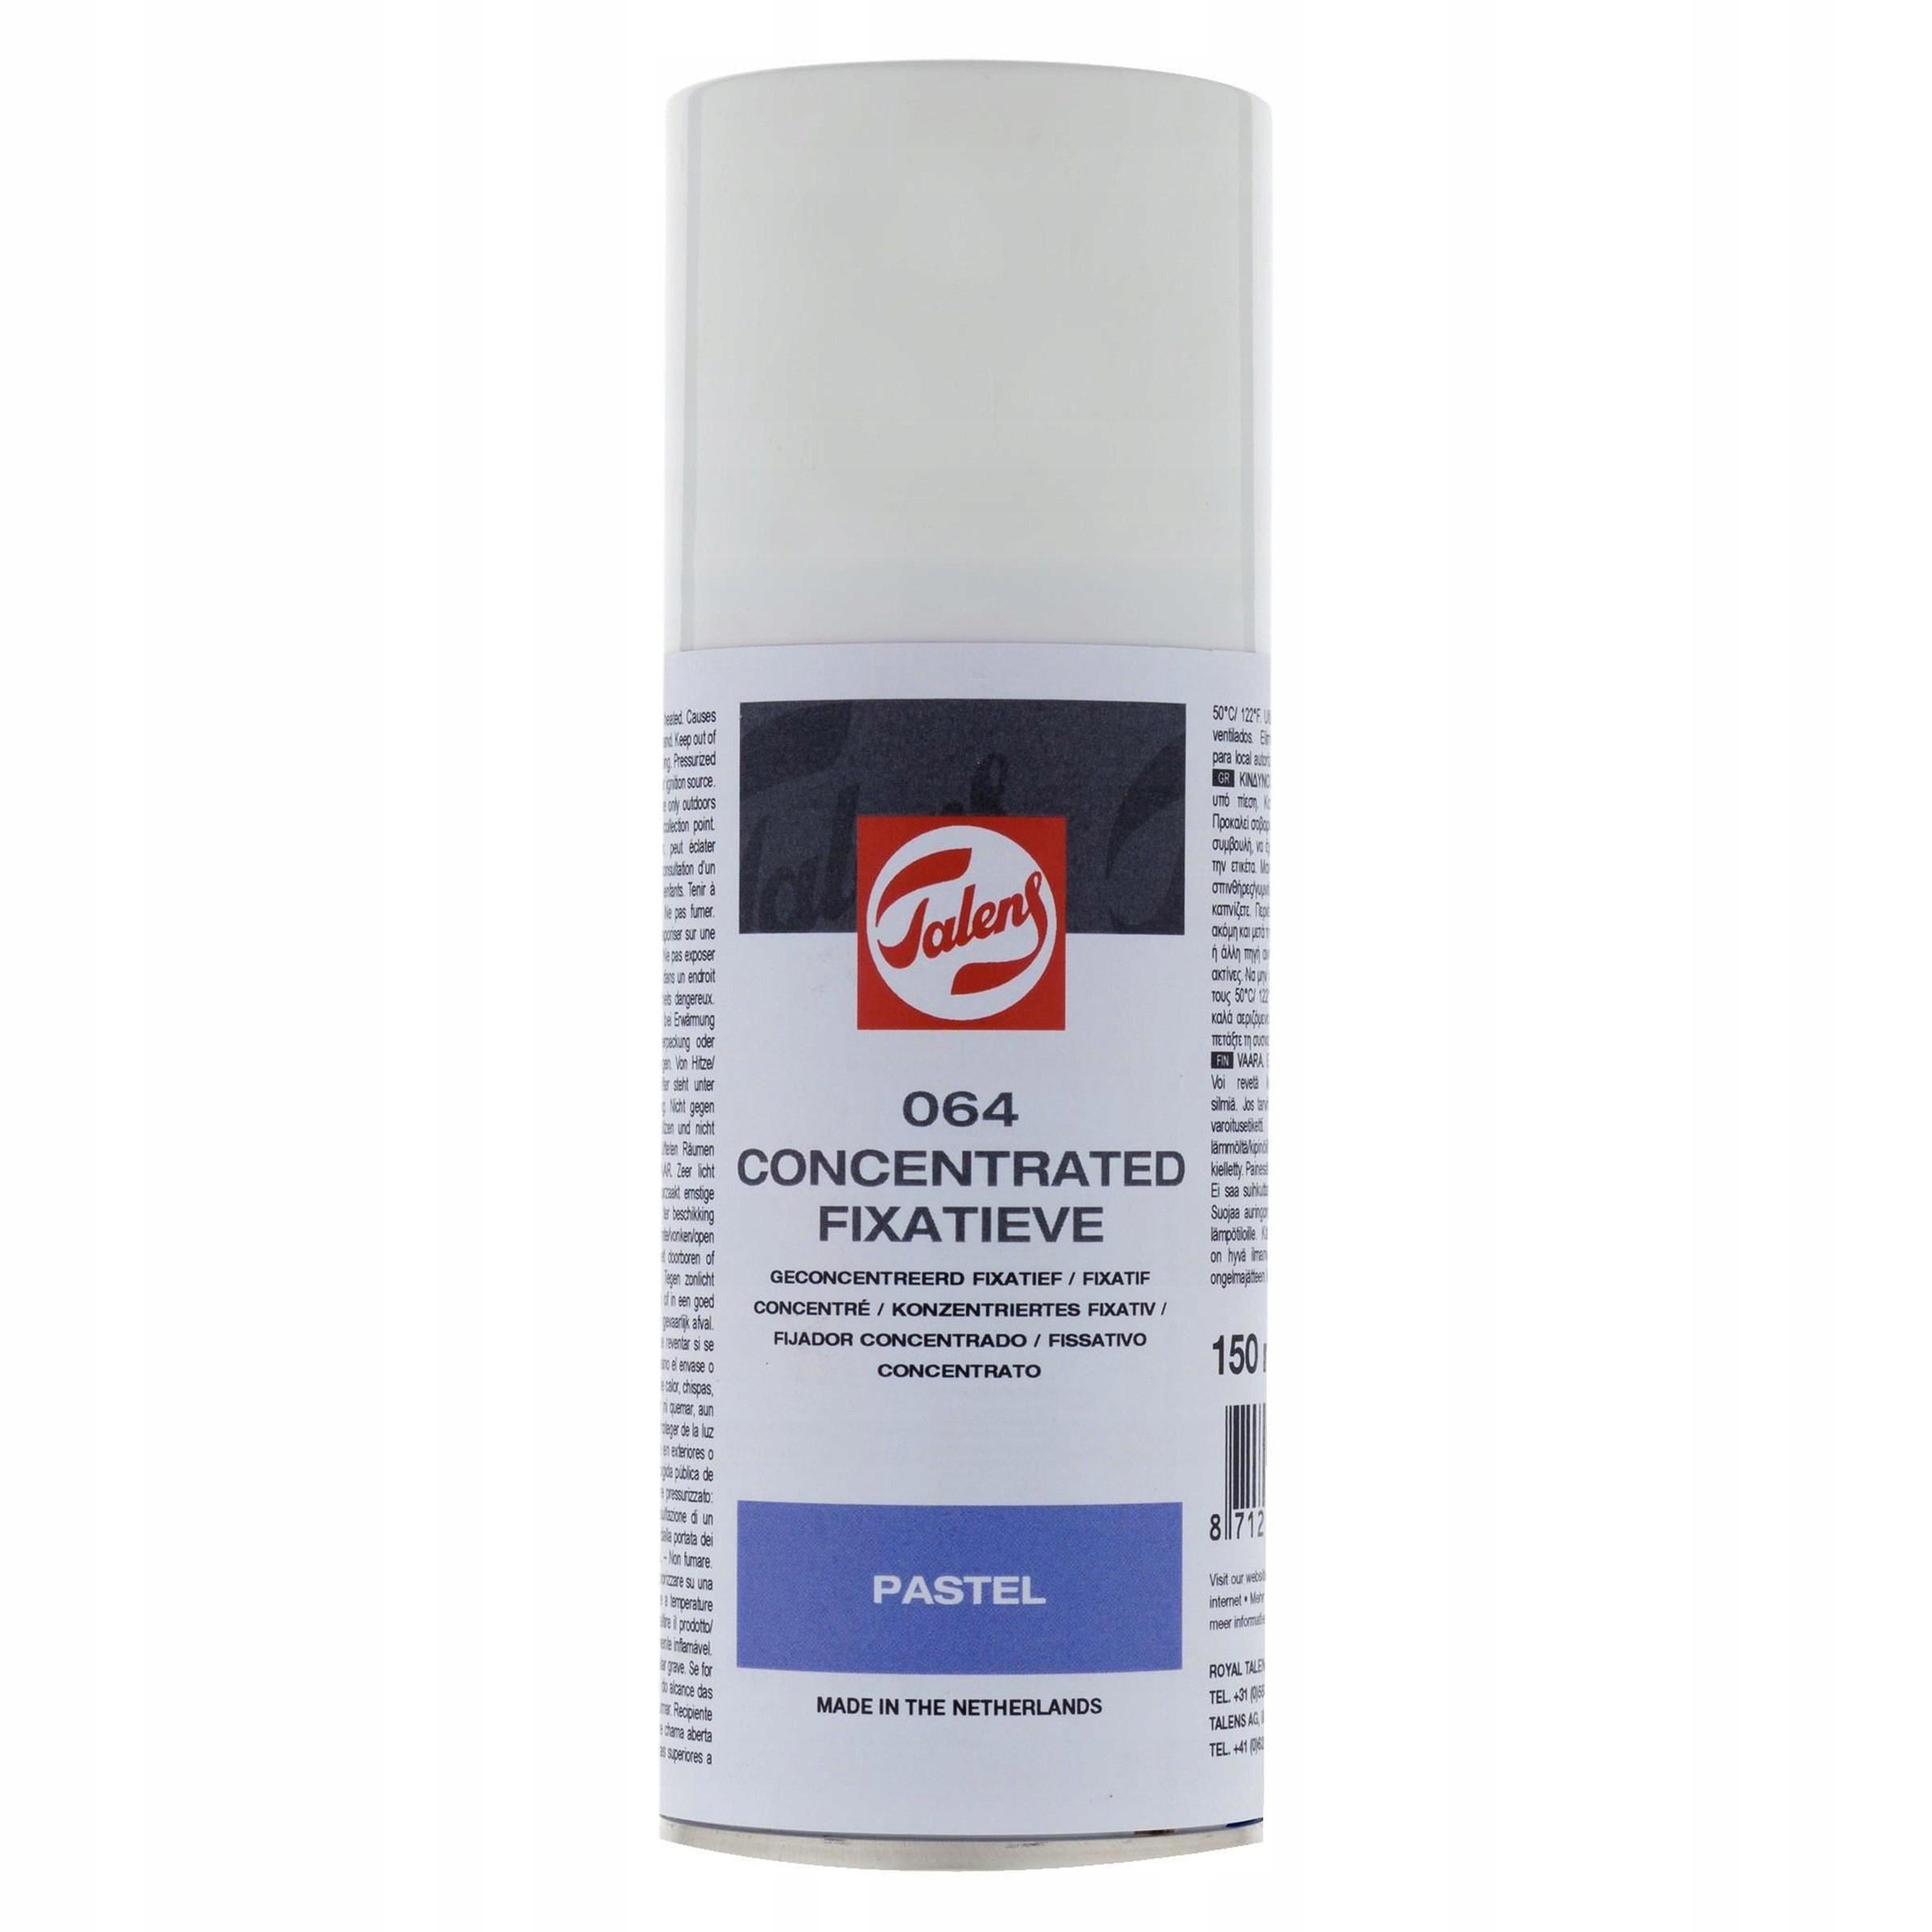 Fiksatywa skoncentrowana w sprayu Talens - 150 ml